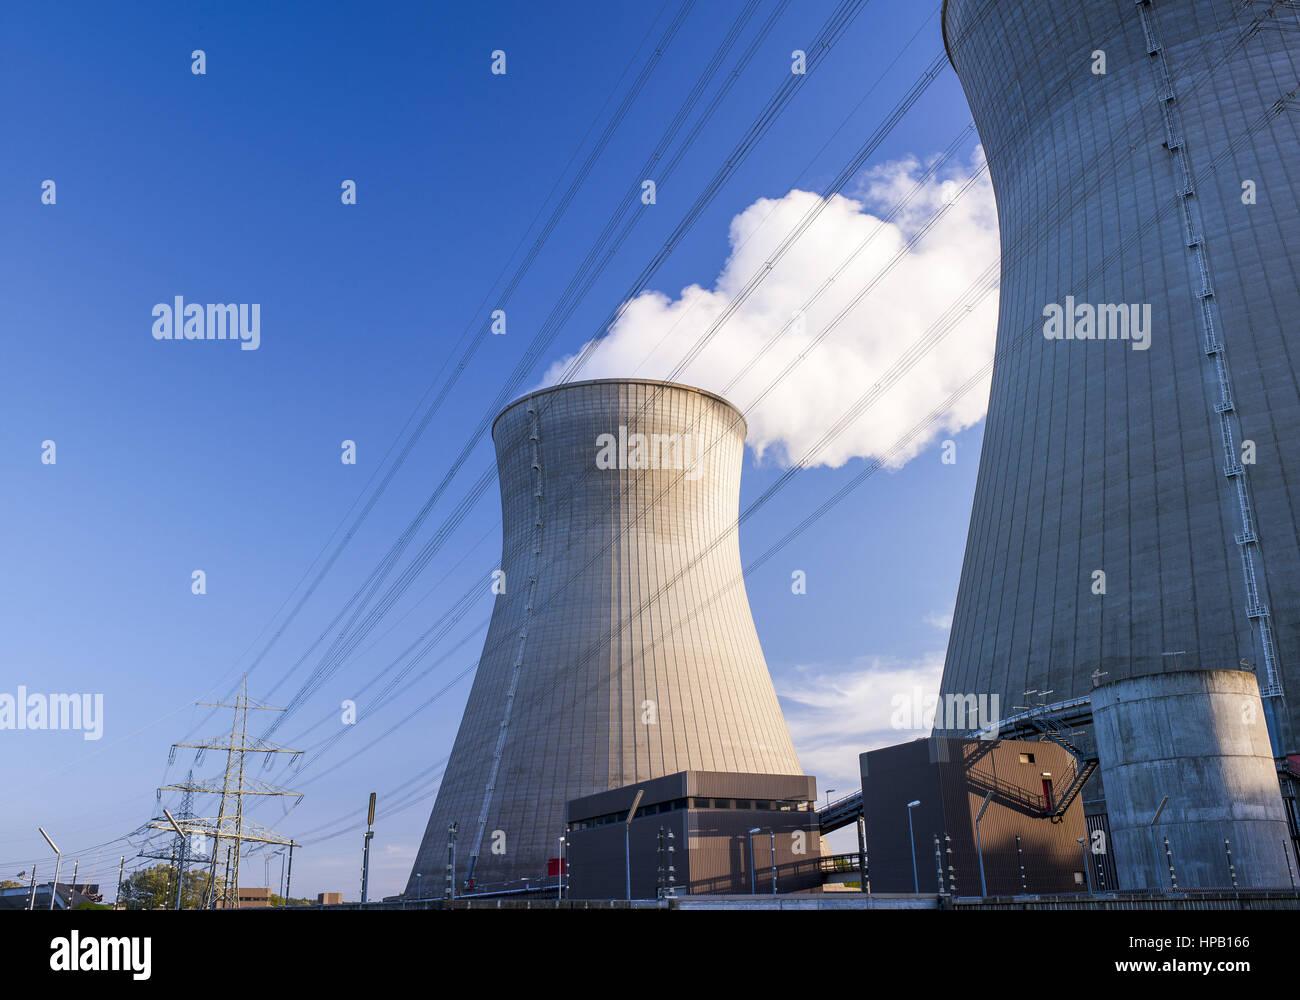 Kernkraftwerk Gundremmingen - Stock Image